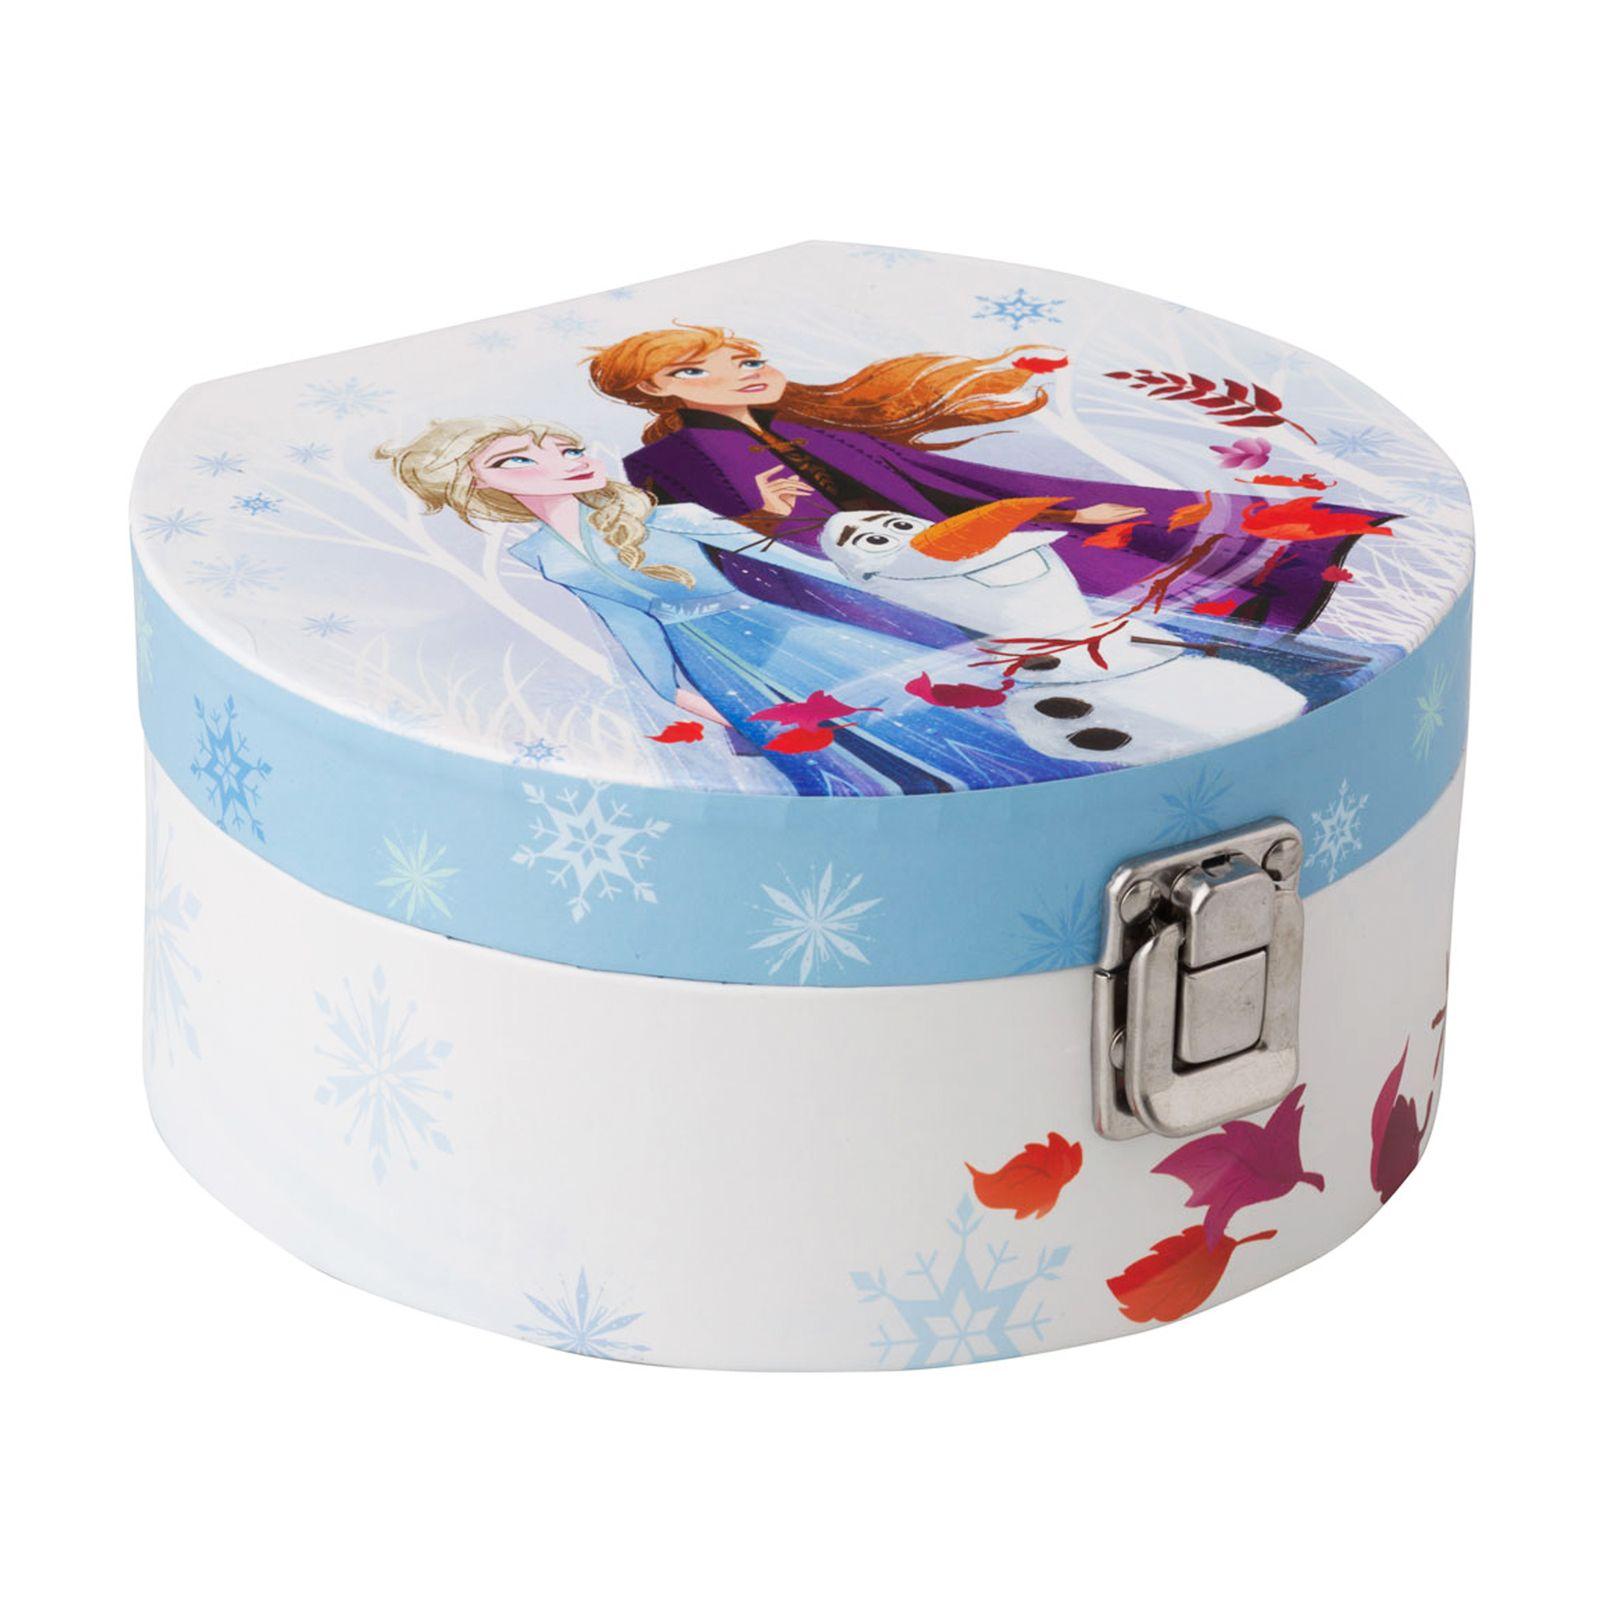 Velká krabička se zrcadlem Frozen II Blue 17 x 15,5 x 8 cm DISNEY